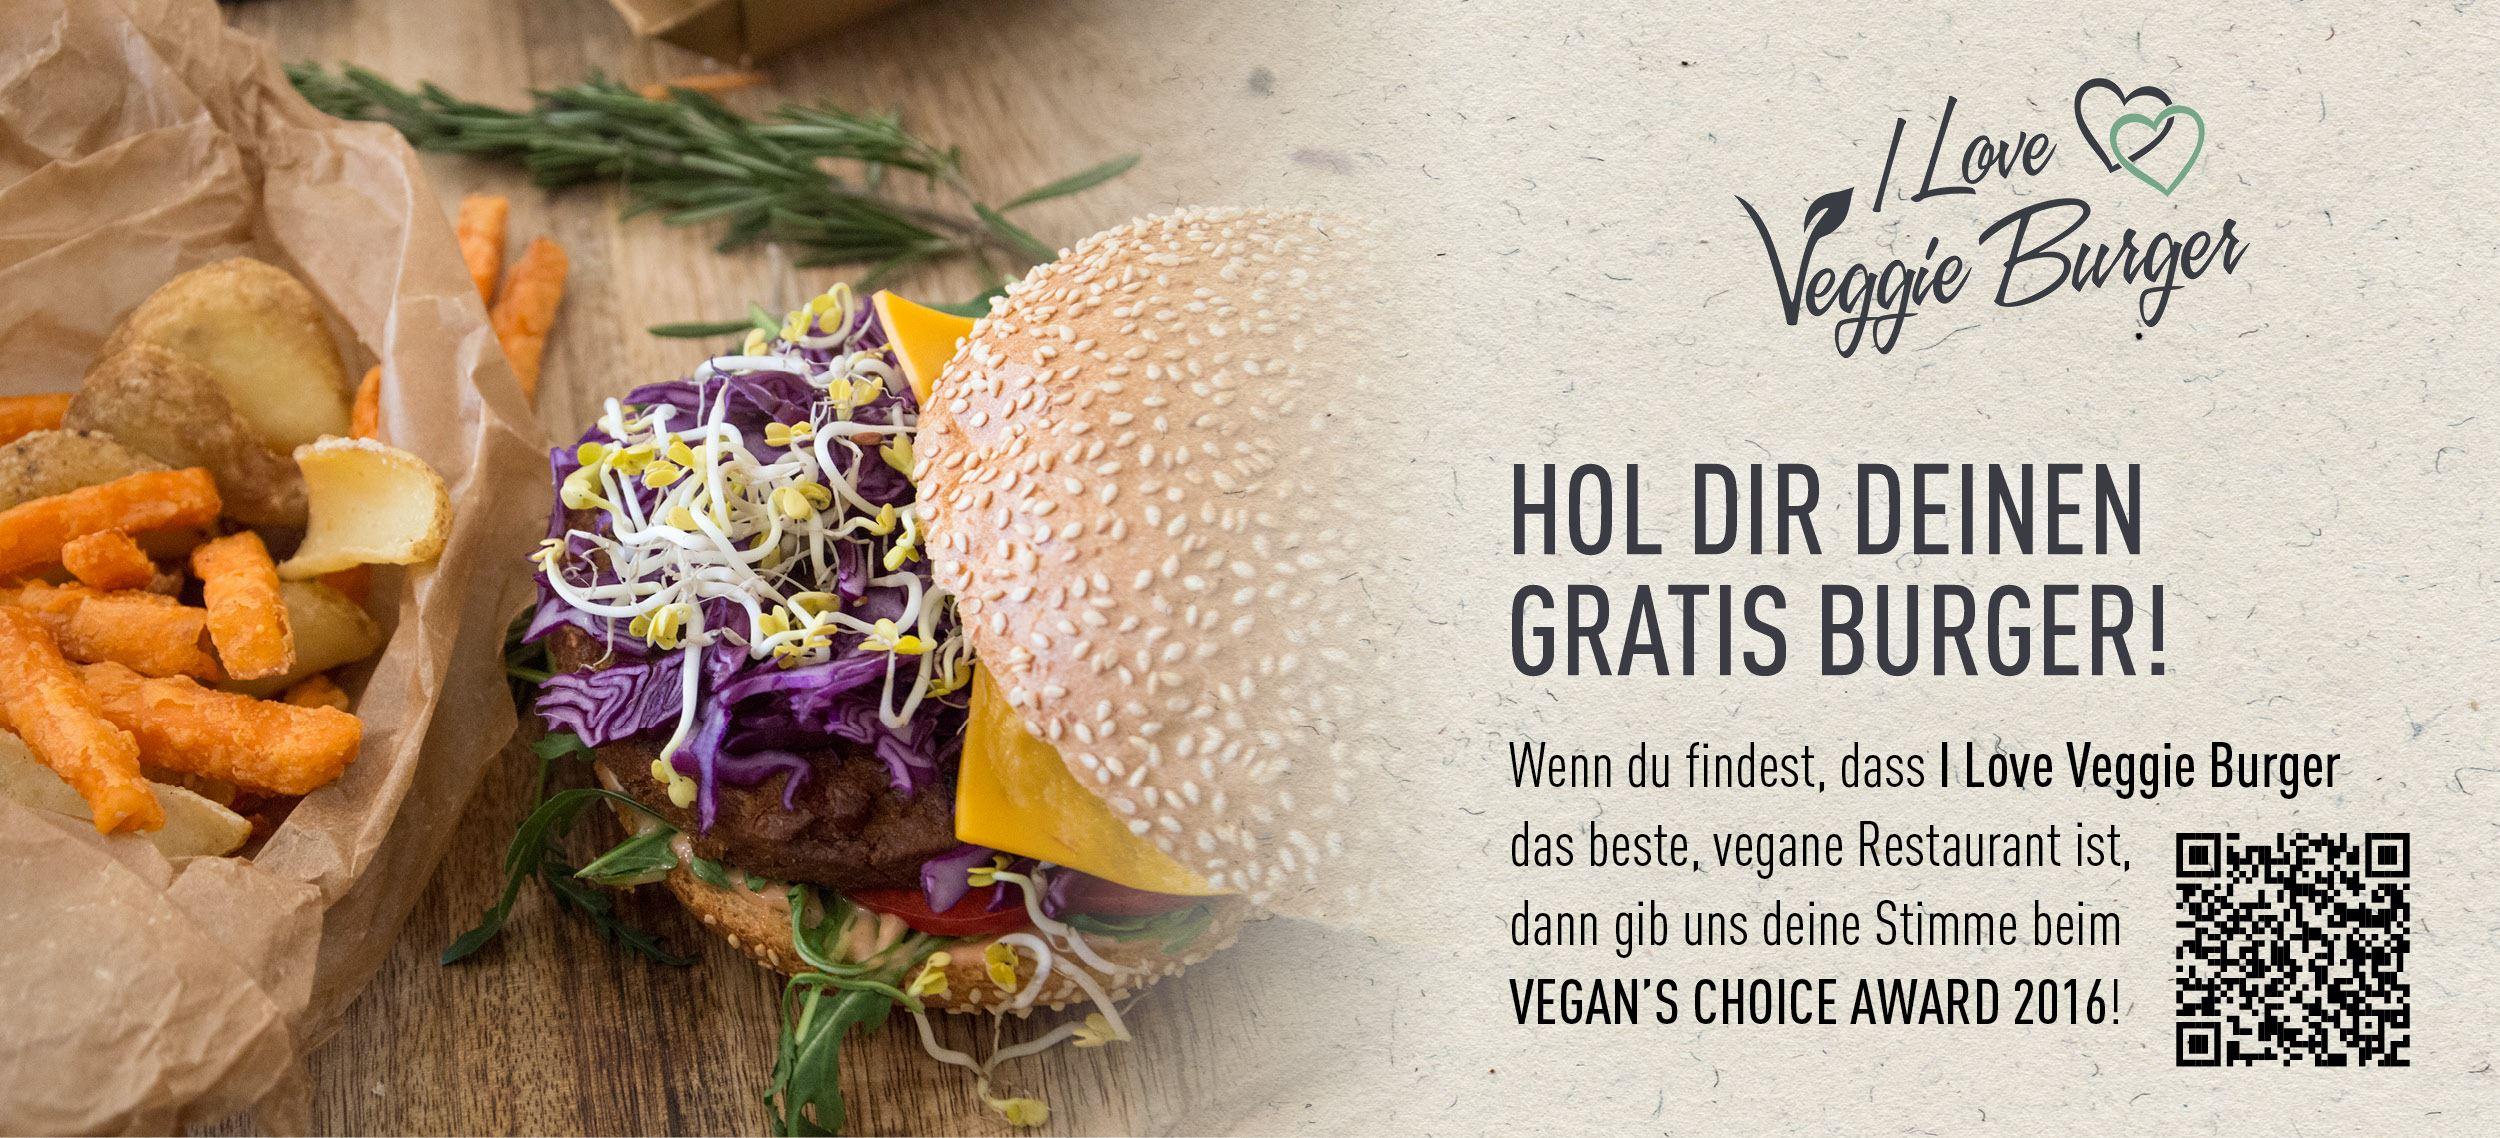 I Love Veggie Burger: Gratis Burger mit wenig Aufwand - nur bis zum 25. Mai